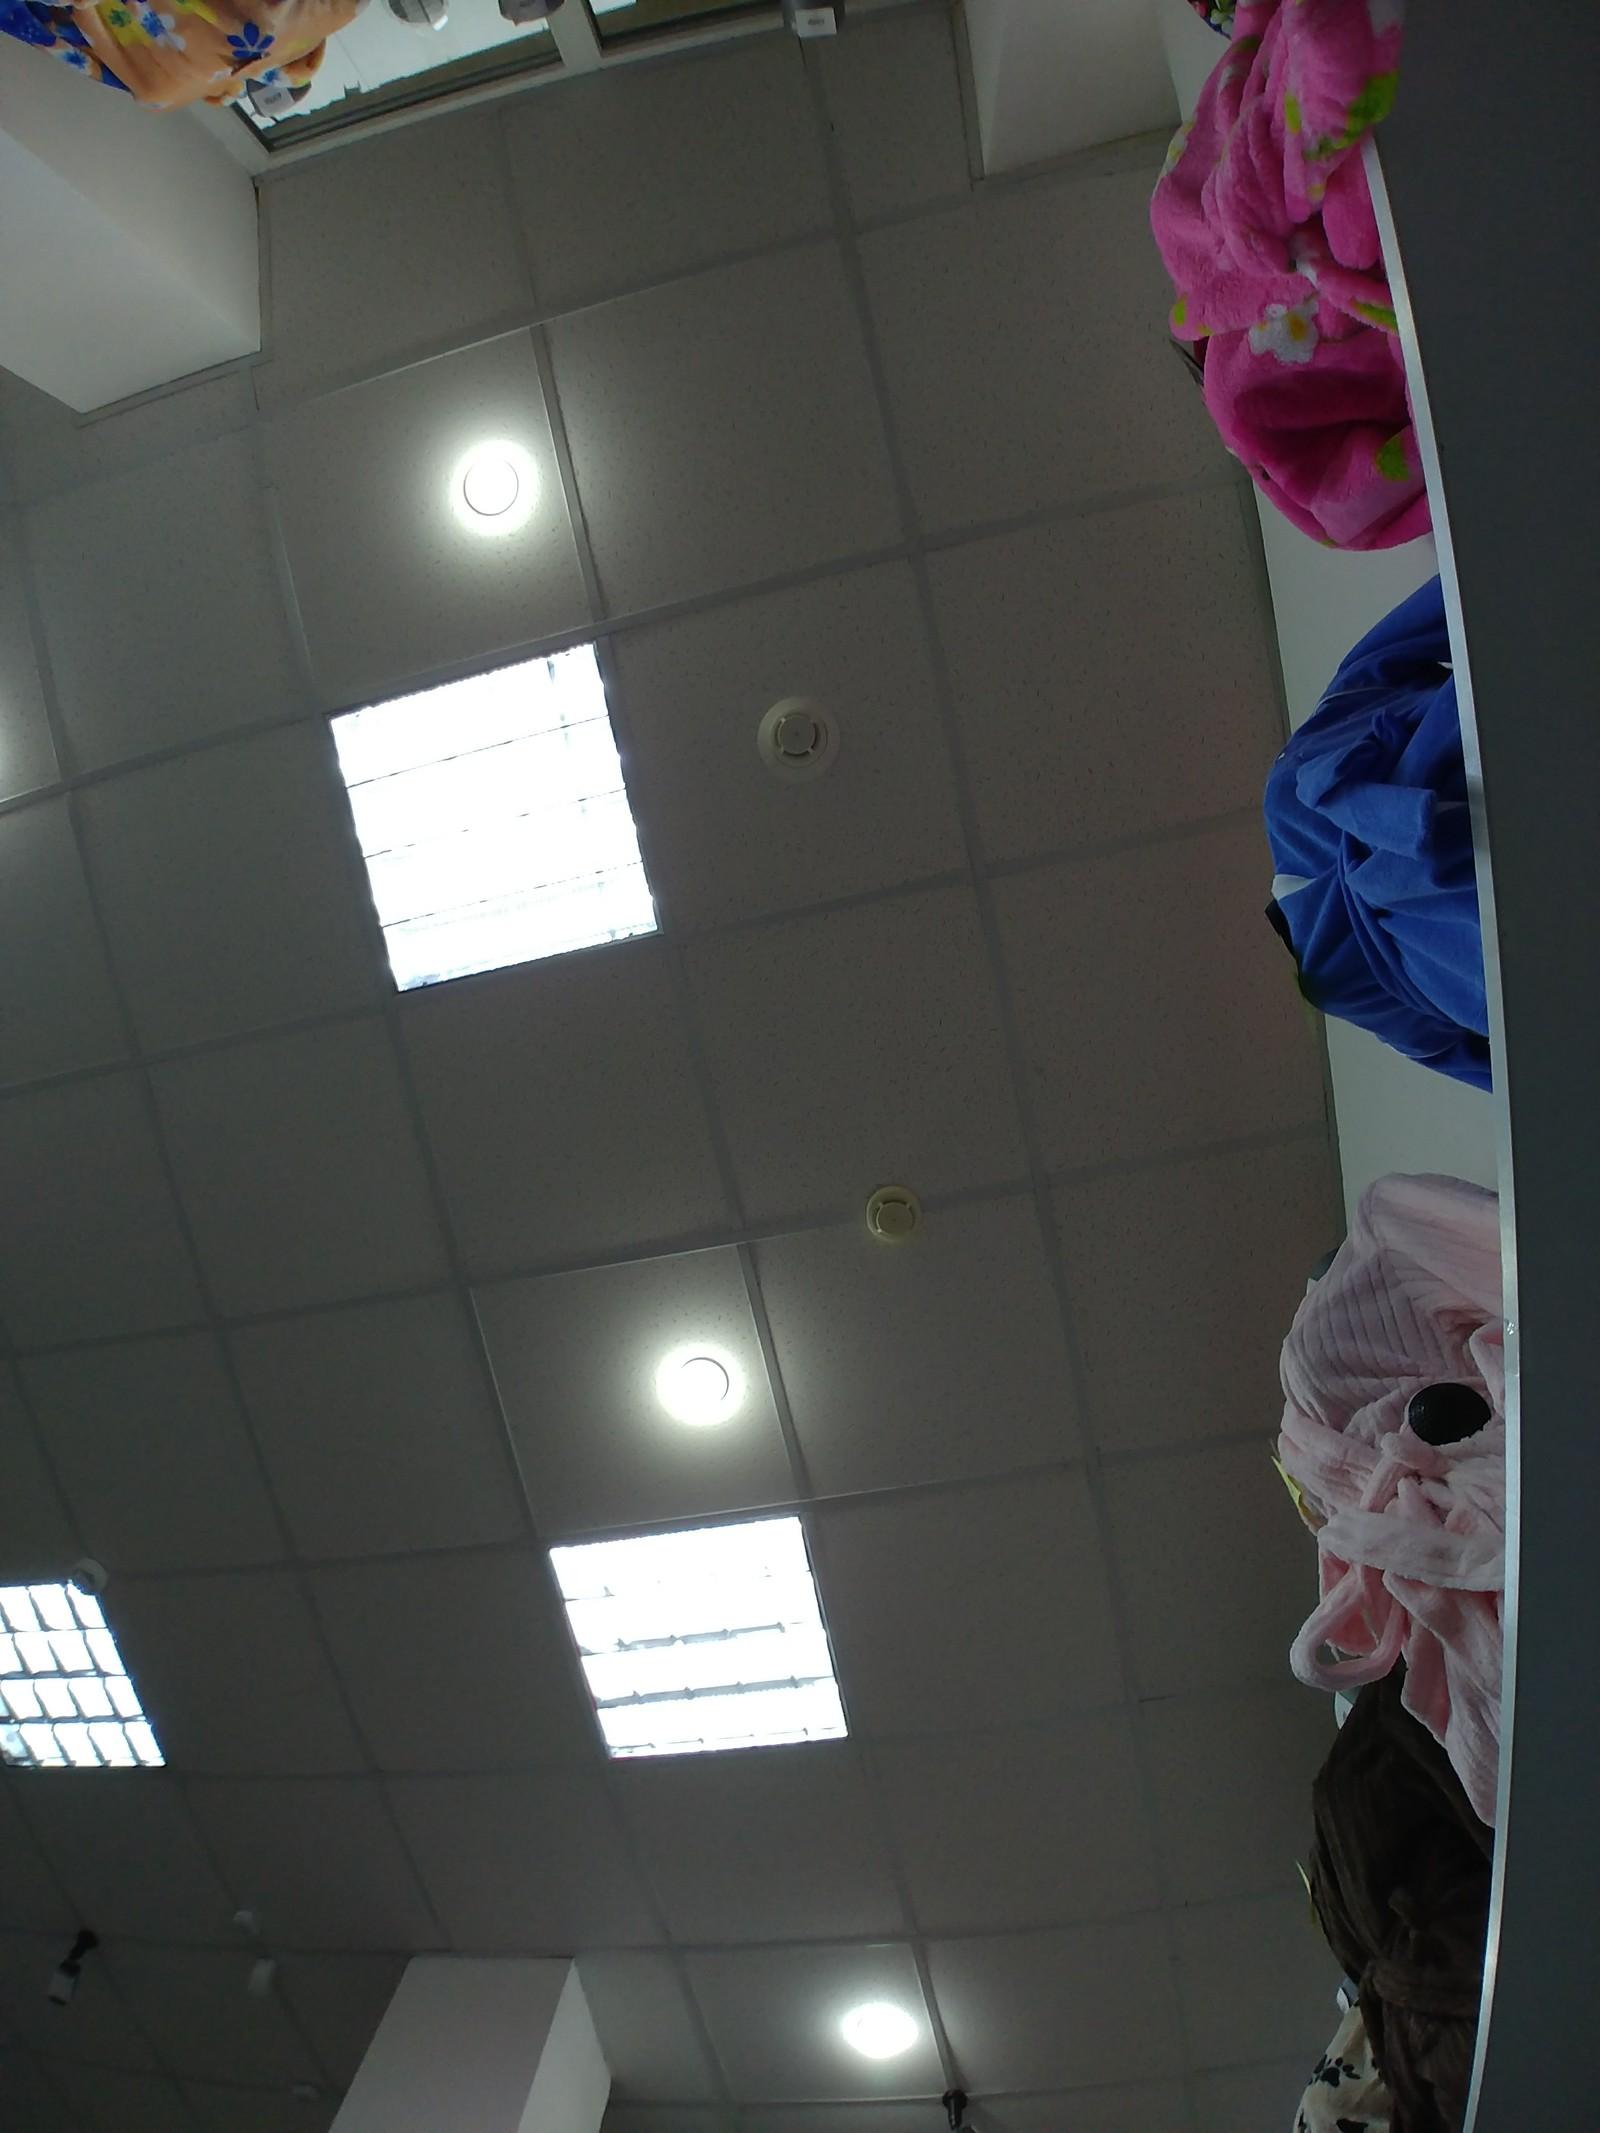 analnie-igrushki-skritaya-kamera-v-tualete-vozle-dorogi-dlinnimi-nogtyami